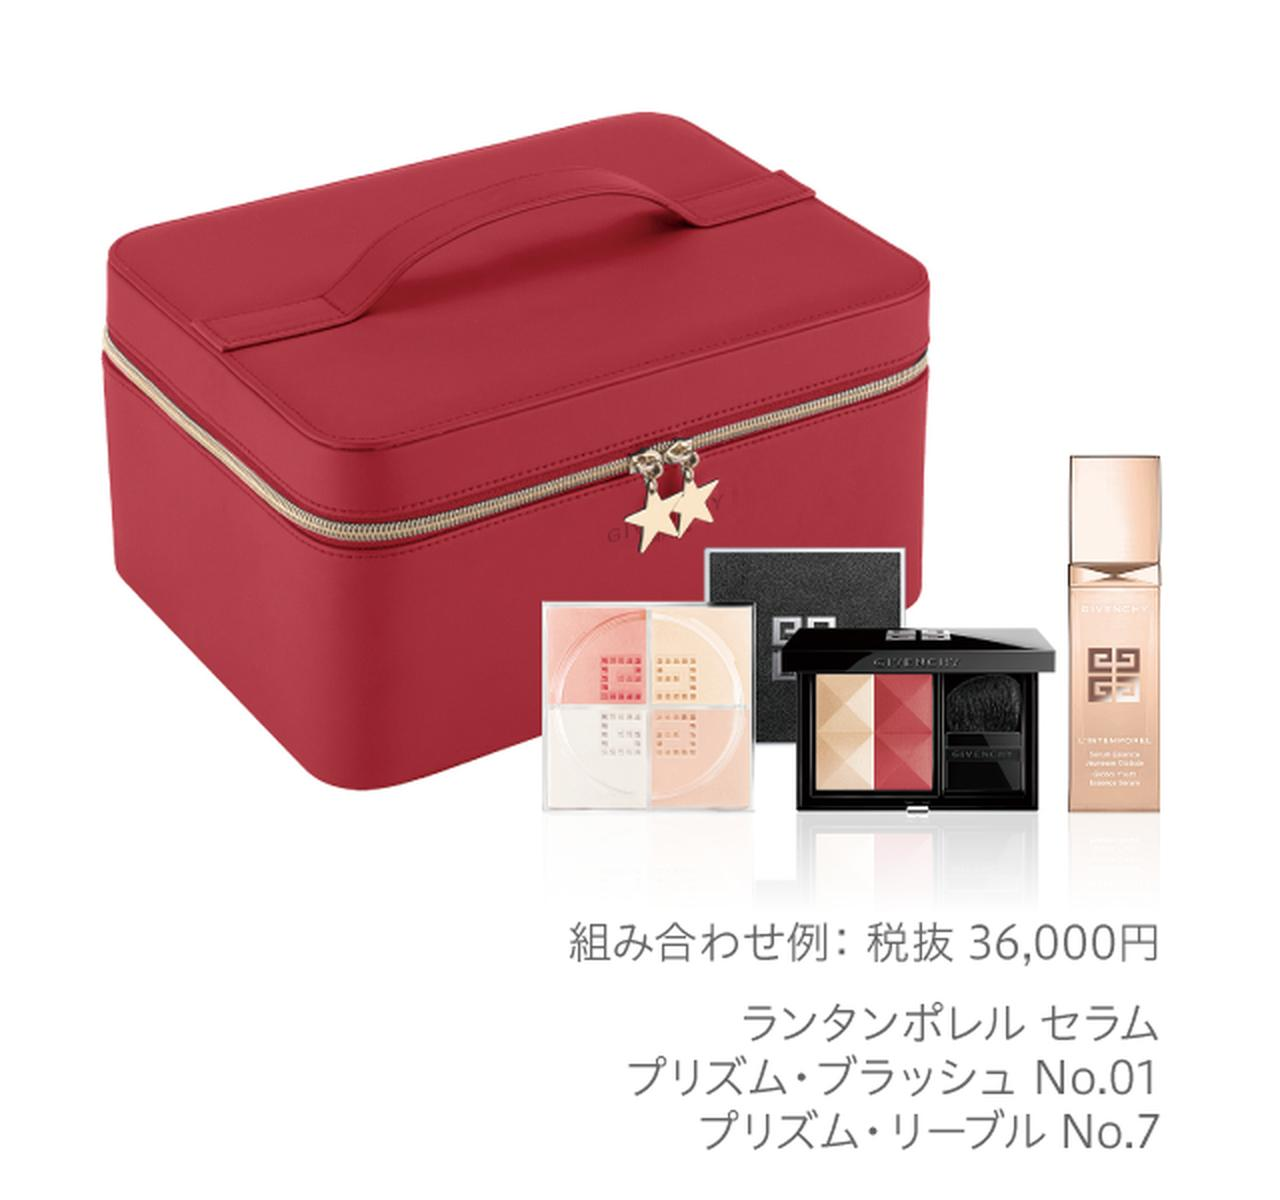 画像: www.parfumsgivenchy.jp